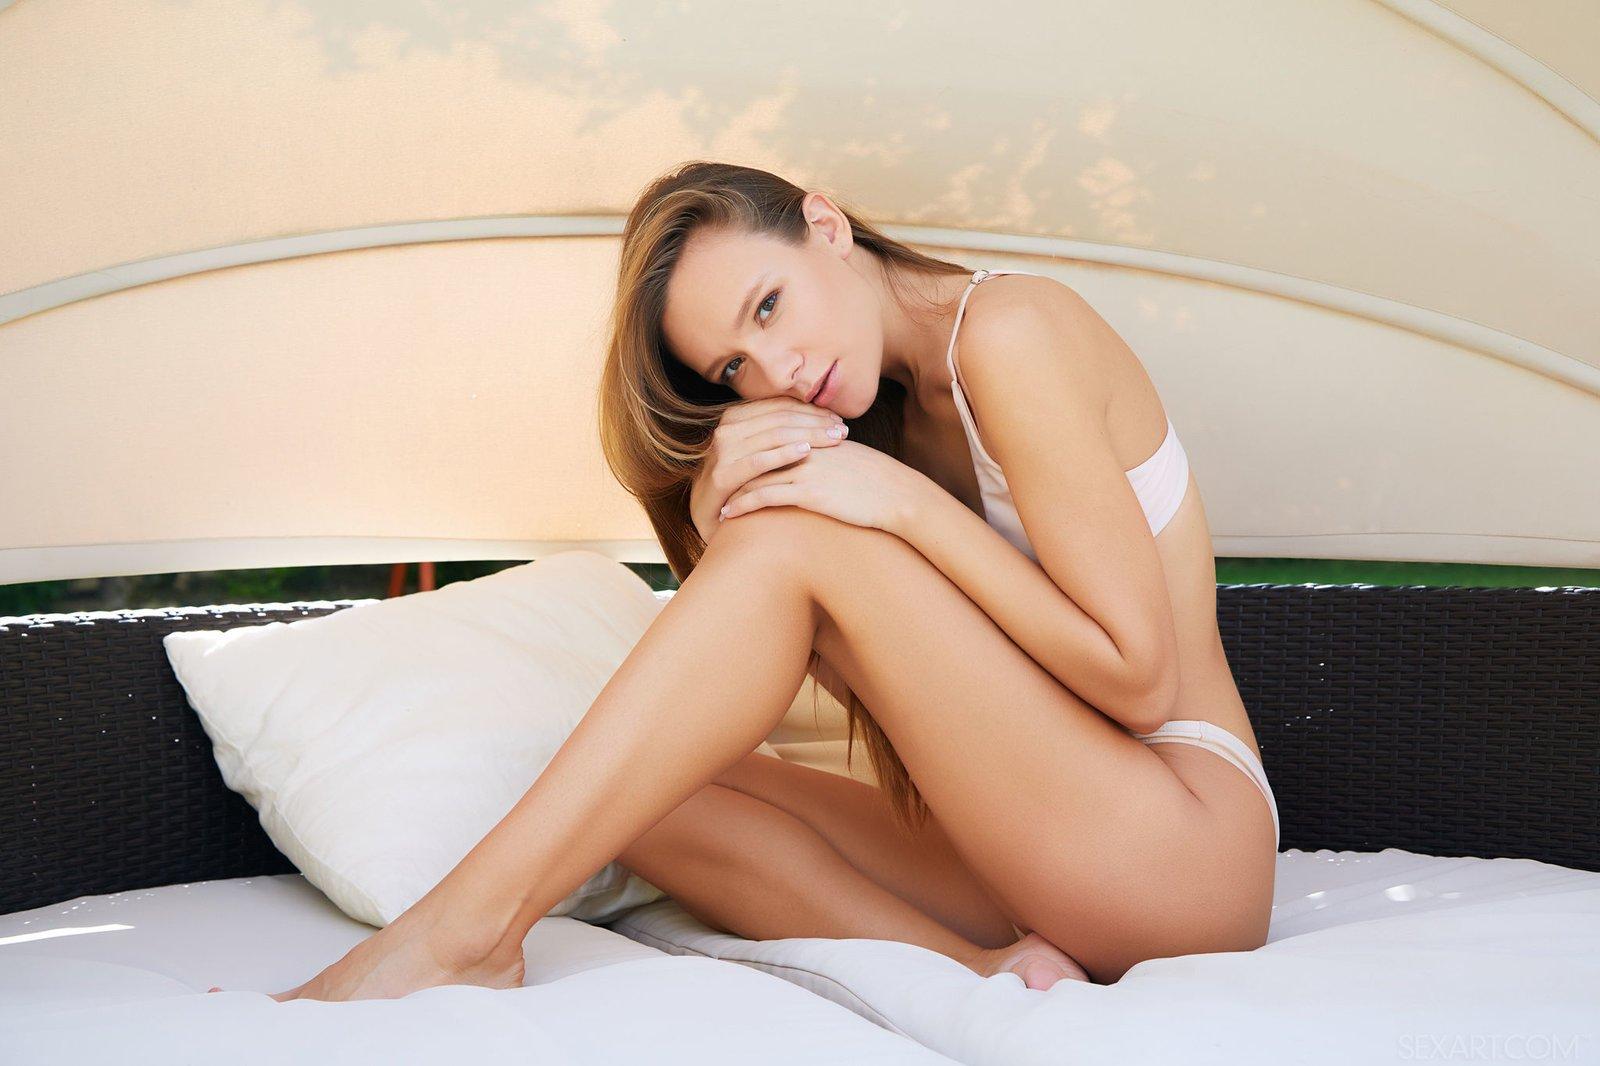 Страстная голая девушка на кровати